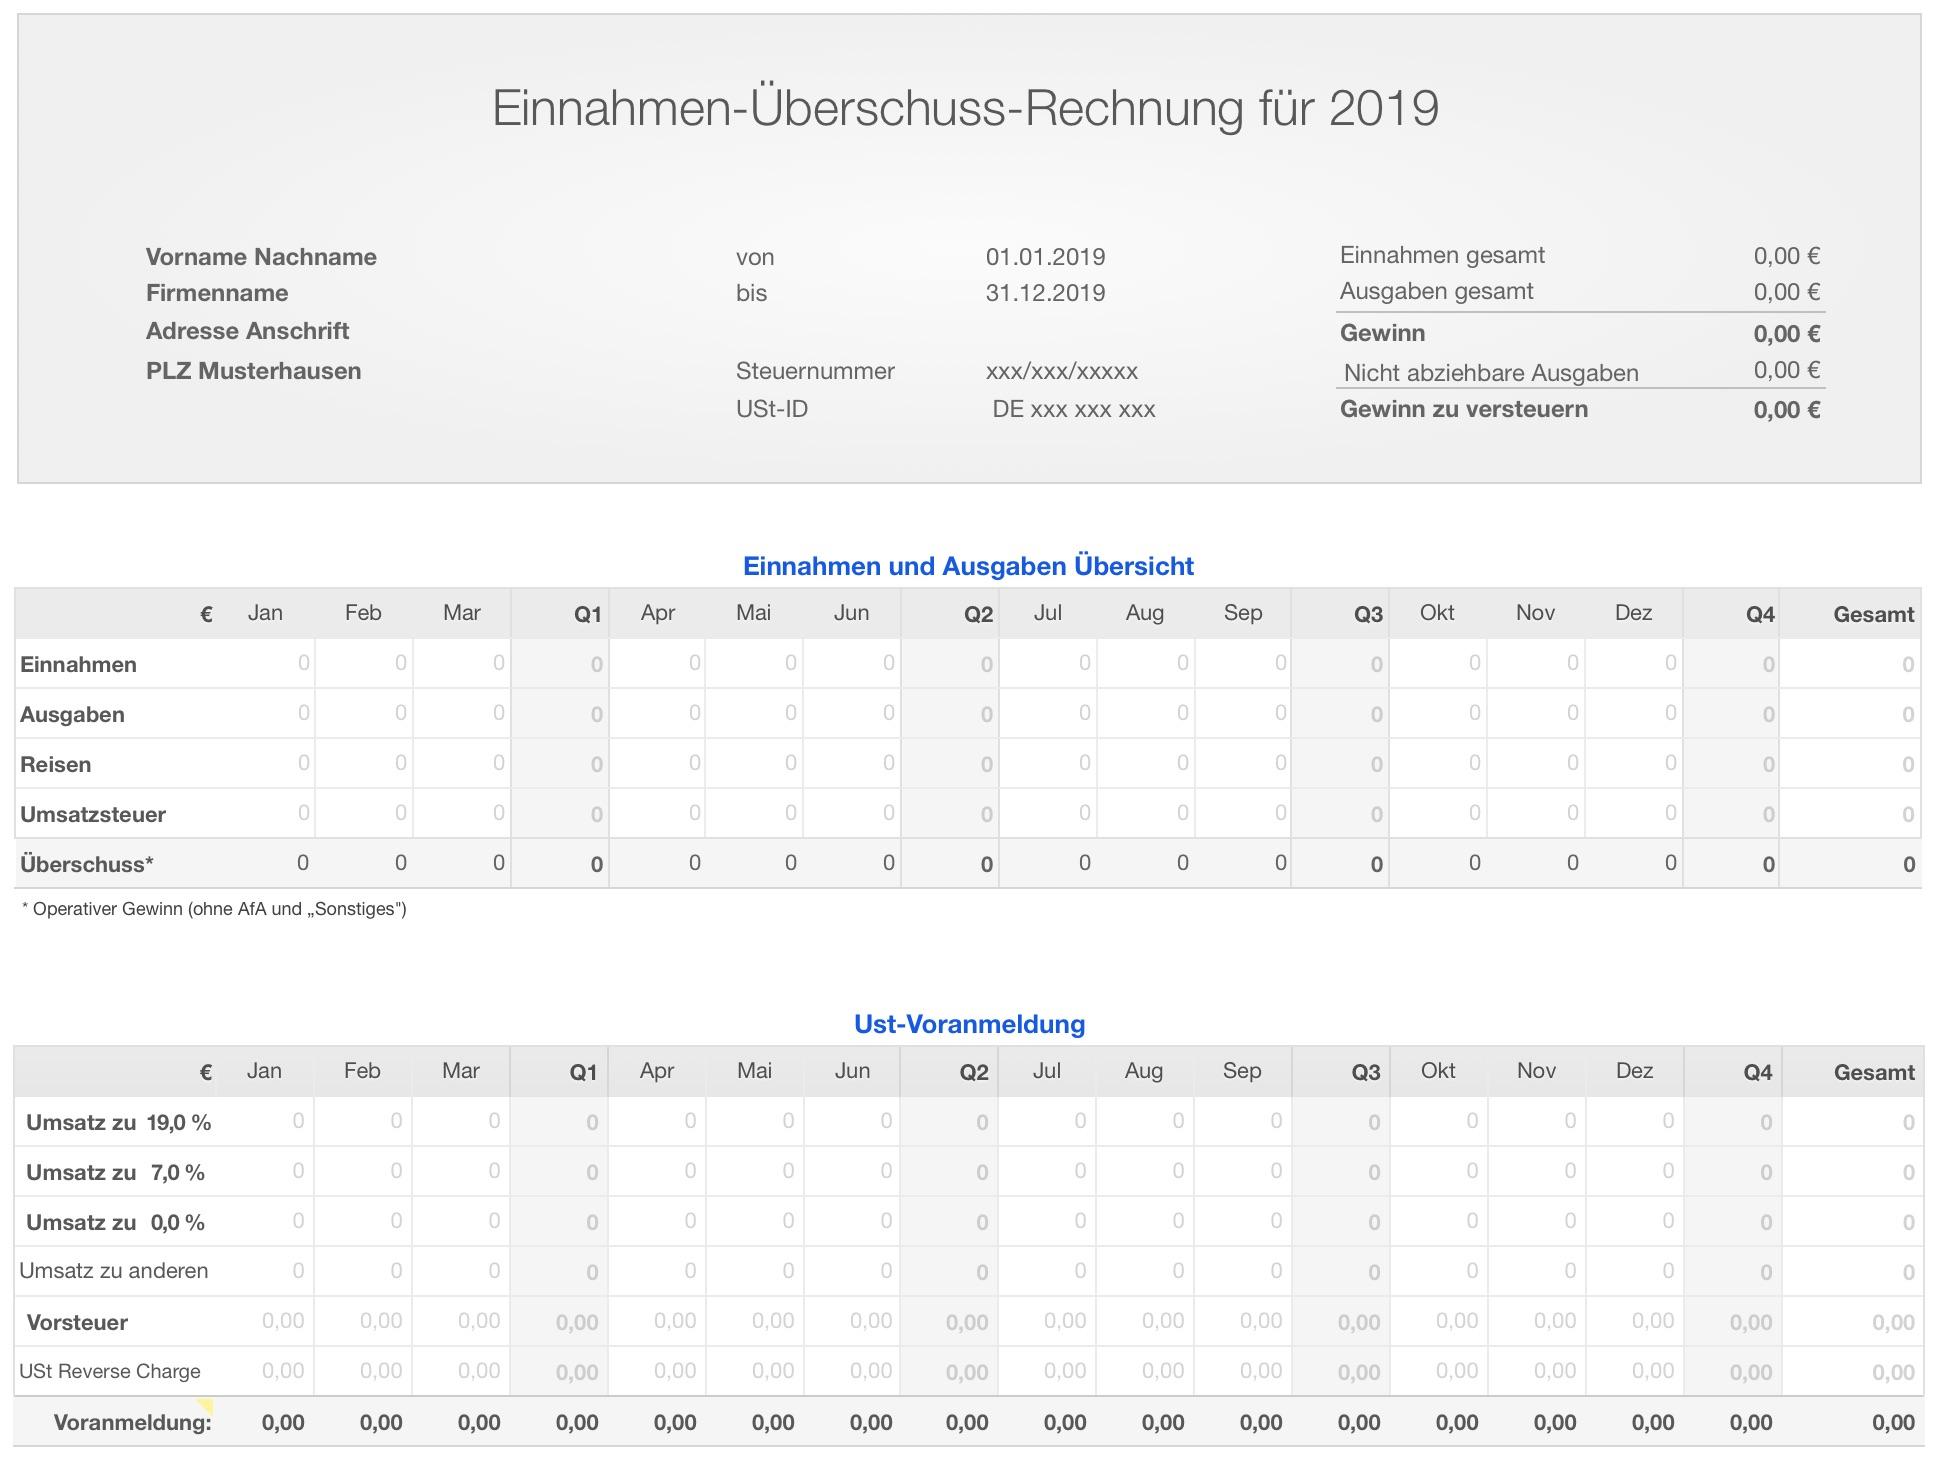 Numbers Vorlage Einnahmen überschuss Rechnung Eür 2019